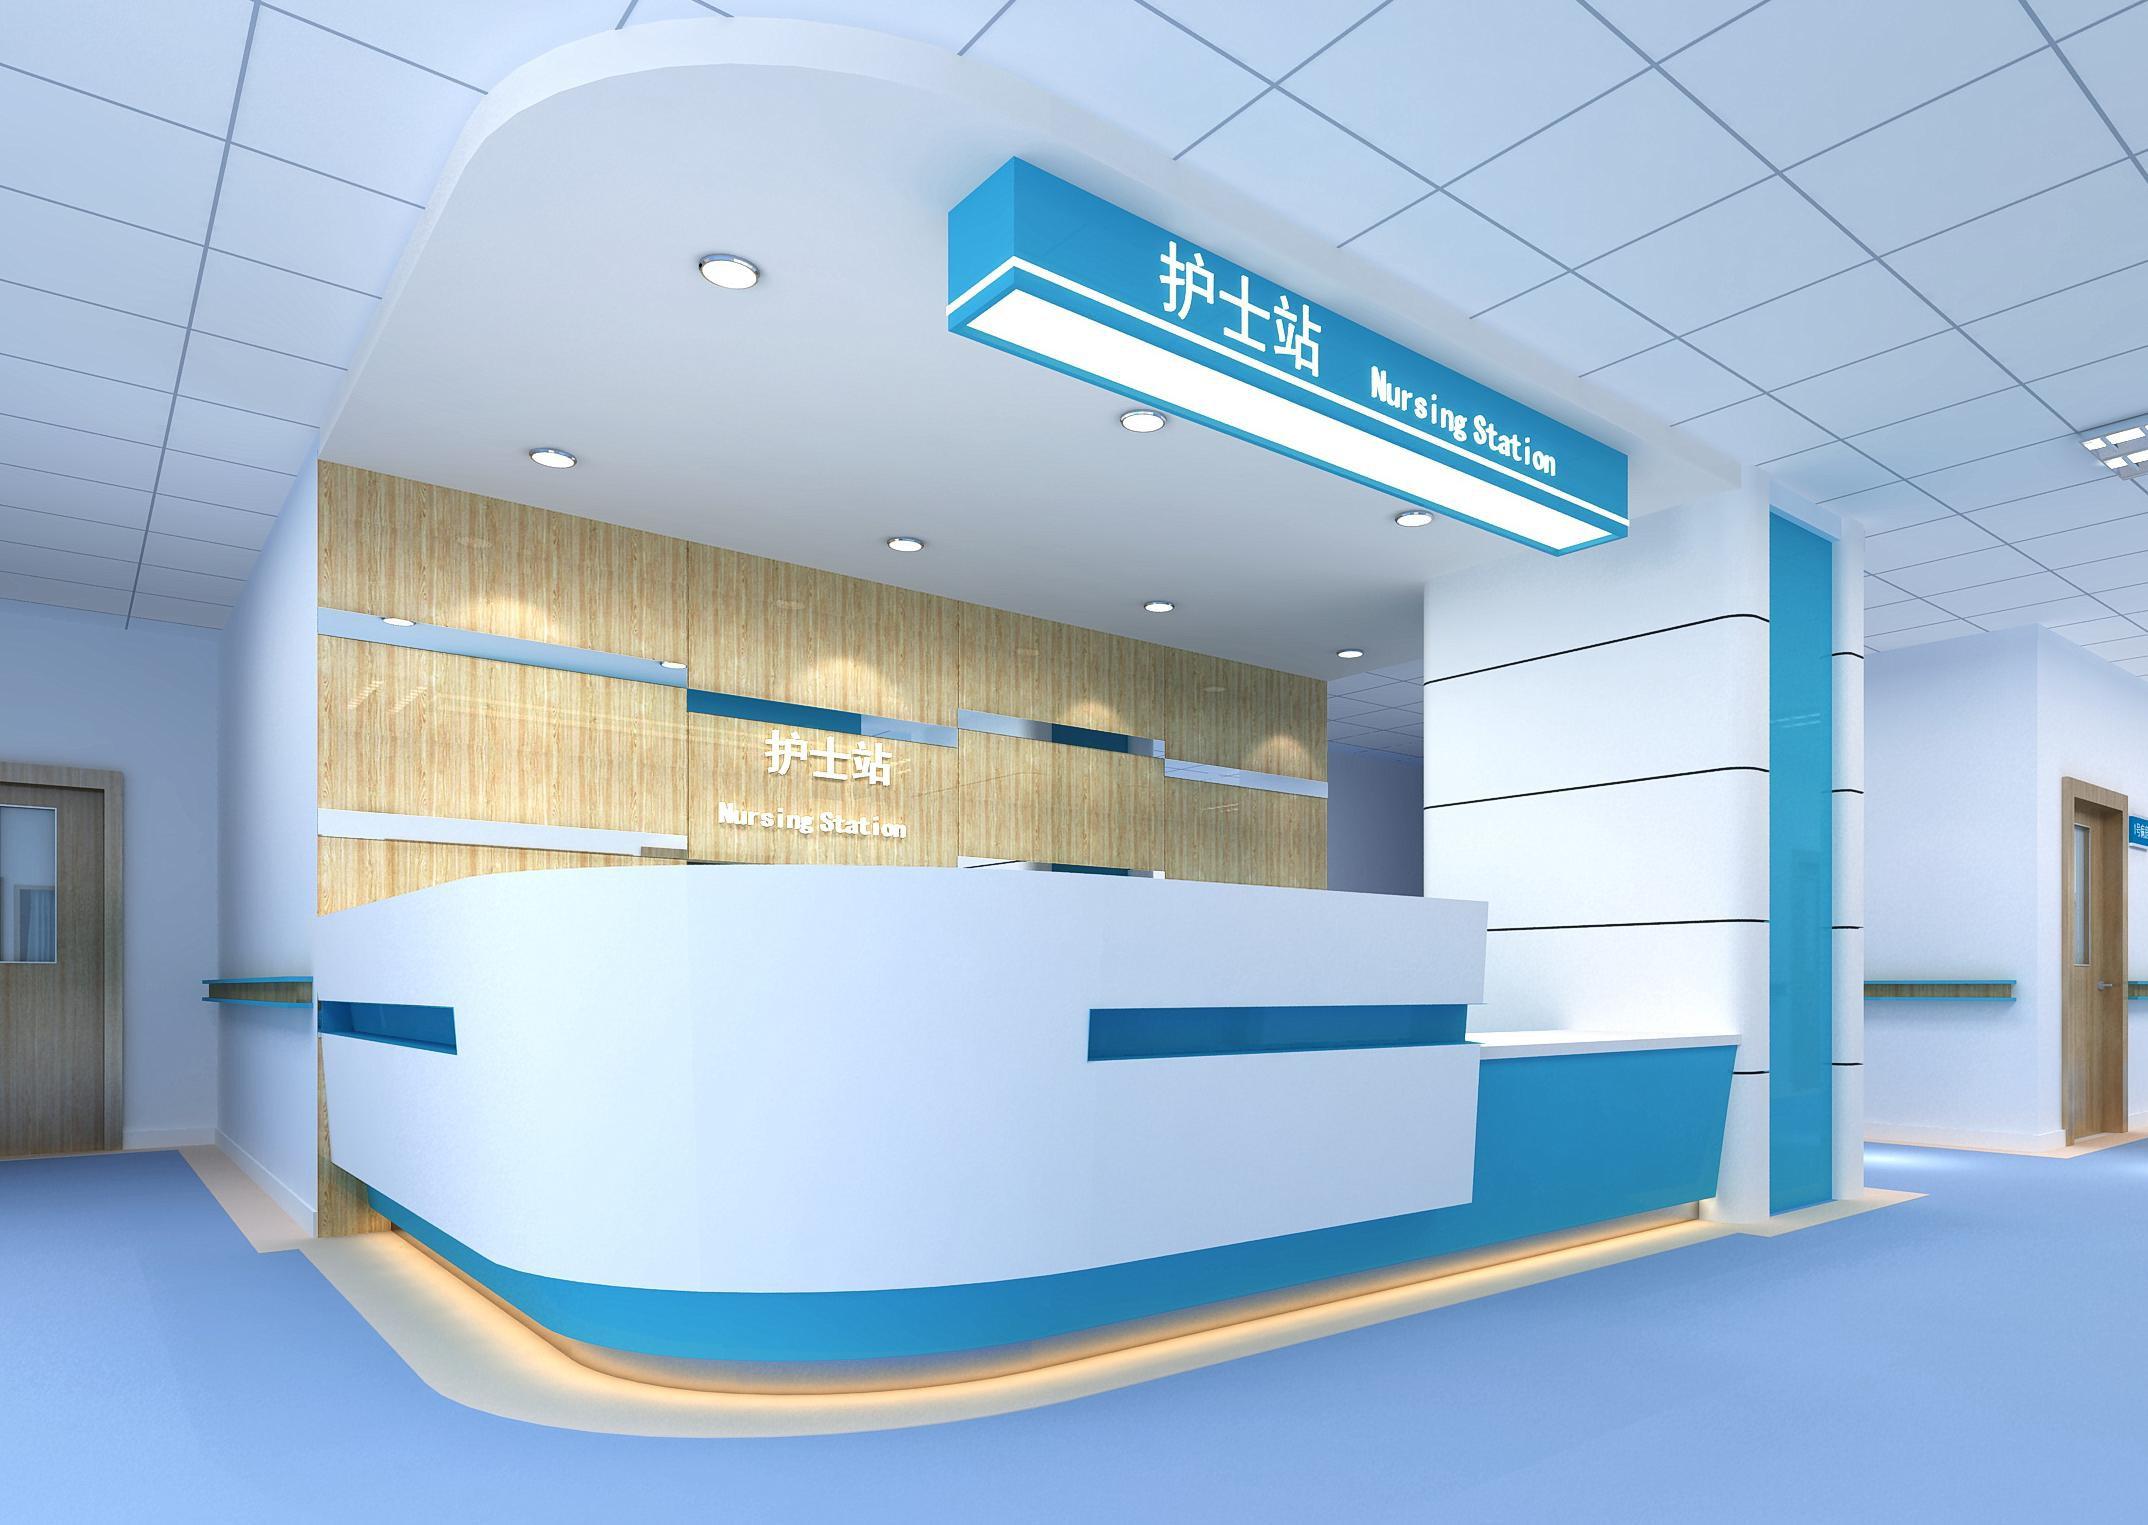 news-Hospital Furniture or Medical-care Furniture Demonstration-GOJO-img